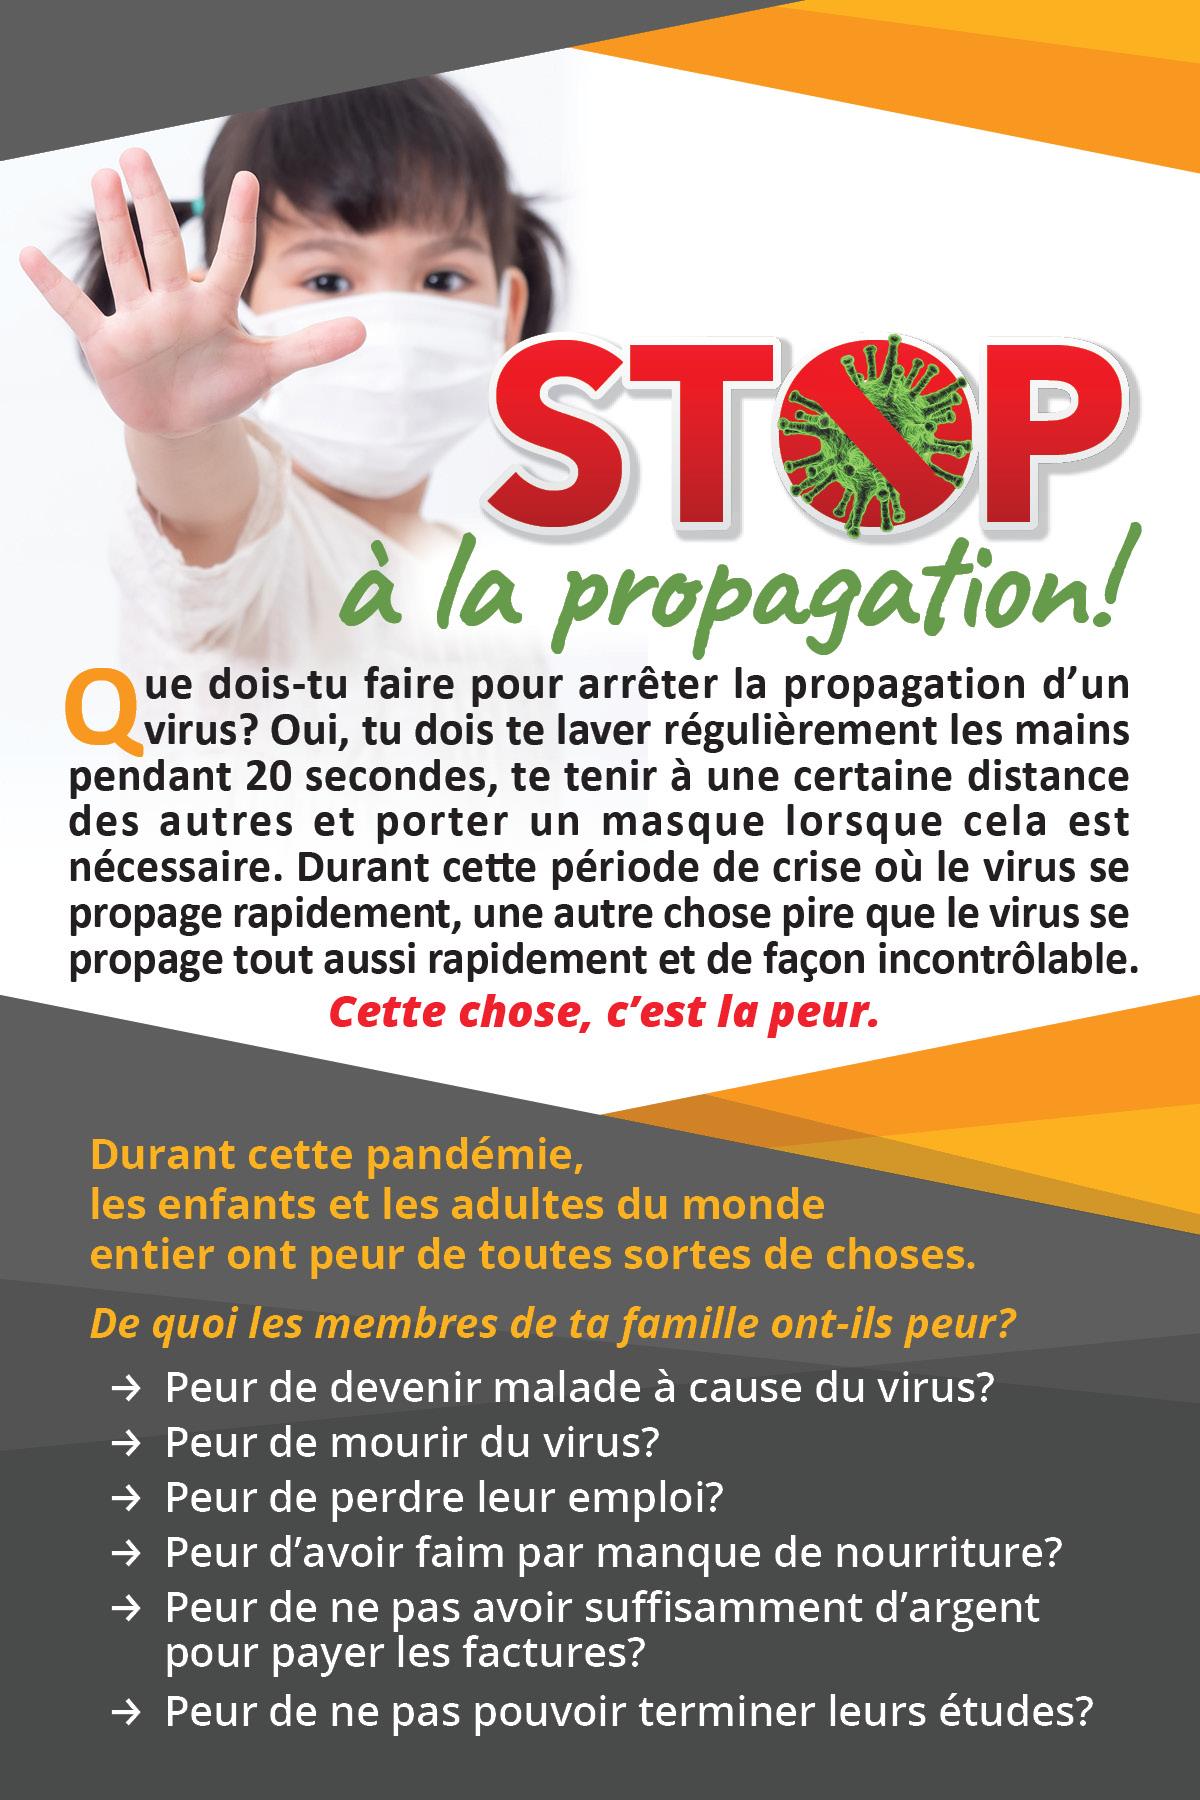 STOP à la propagation